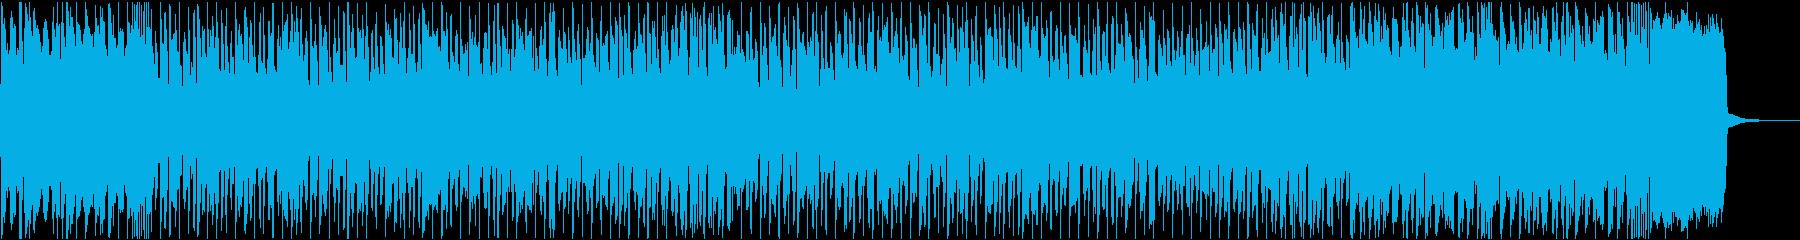 スカ/夏/海/楽しい/コーナー紹介の再生済みの波形